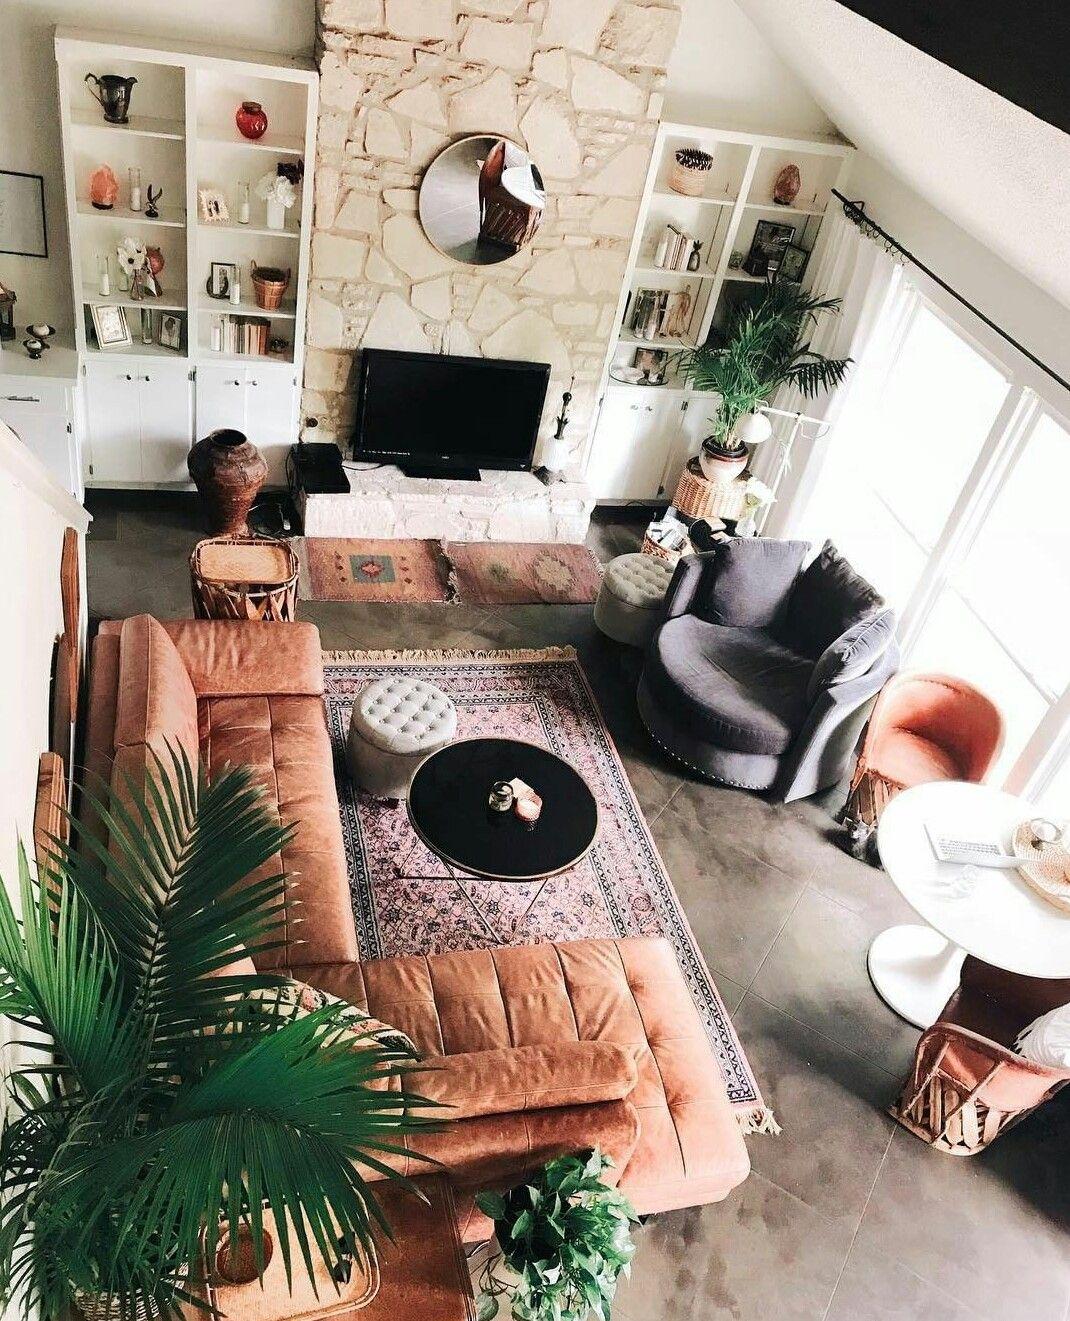 Boho Living Room Decoration In 2020 Home Decor Unique Home Decor Home Decor Shops